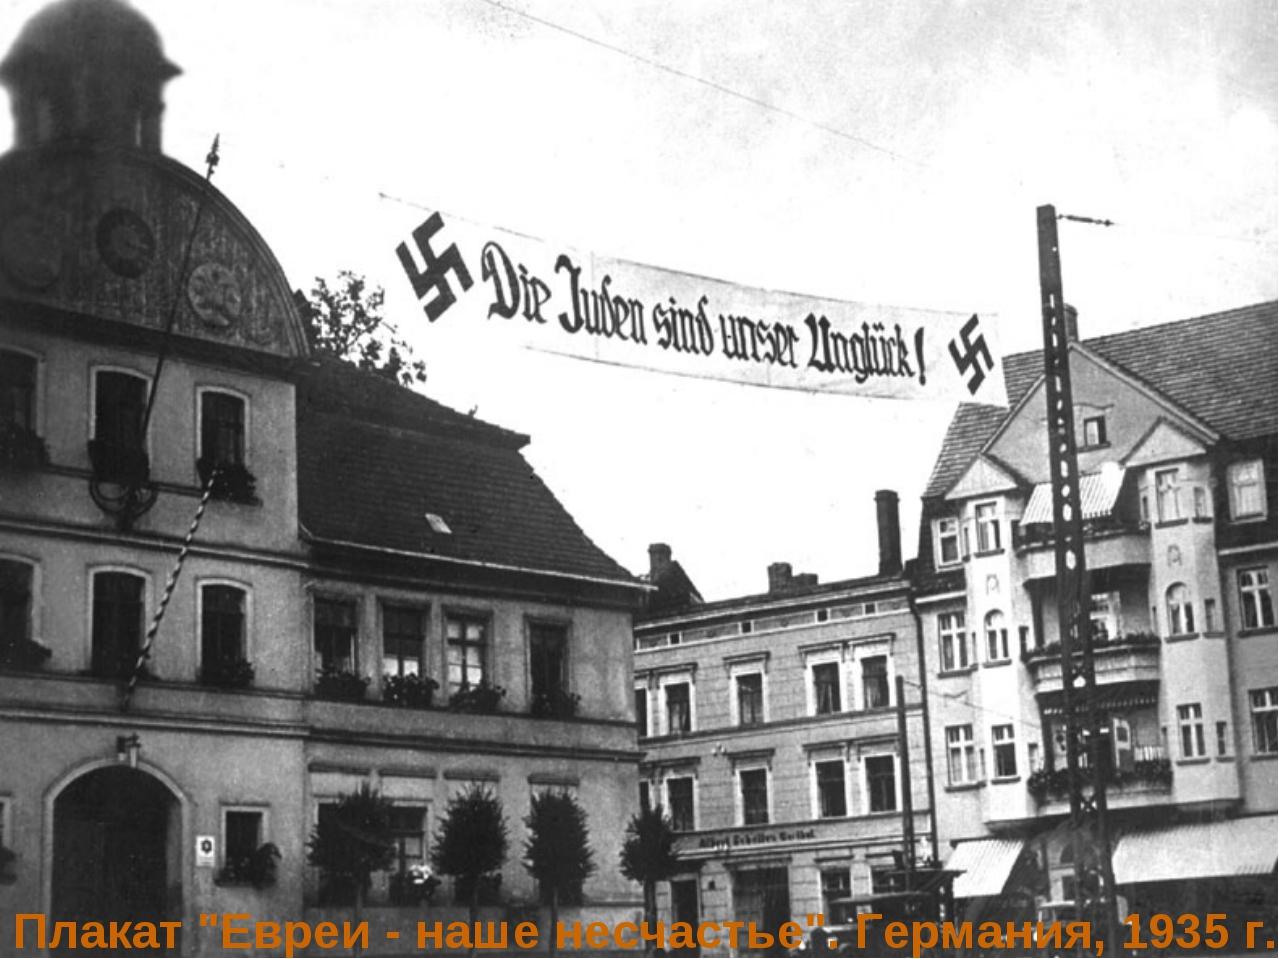 """* Плакат """"Евреи - наше несчастье"""". Германия, 1935 г."""